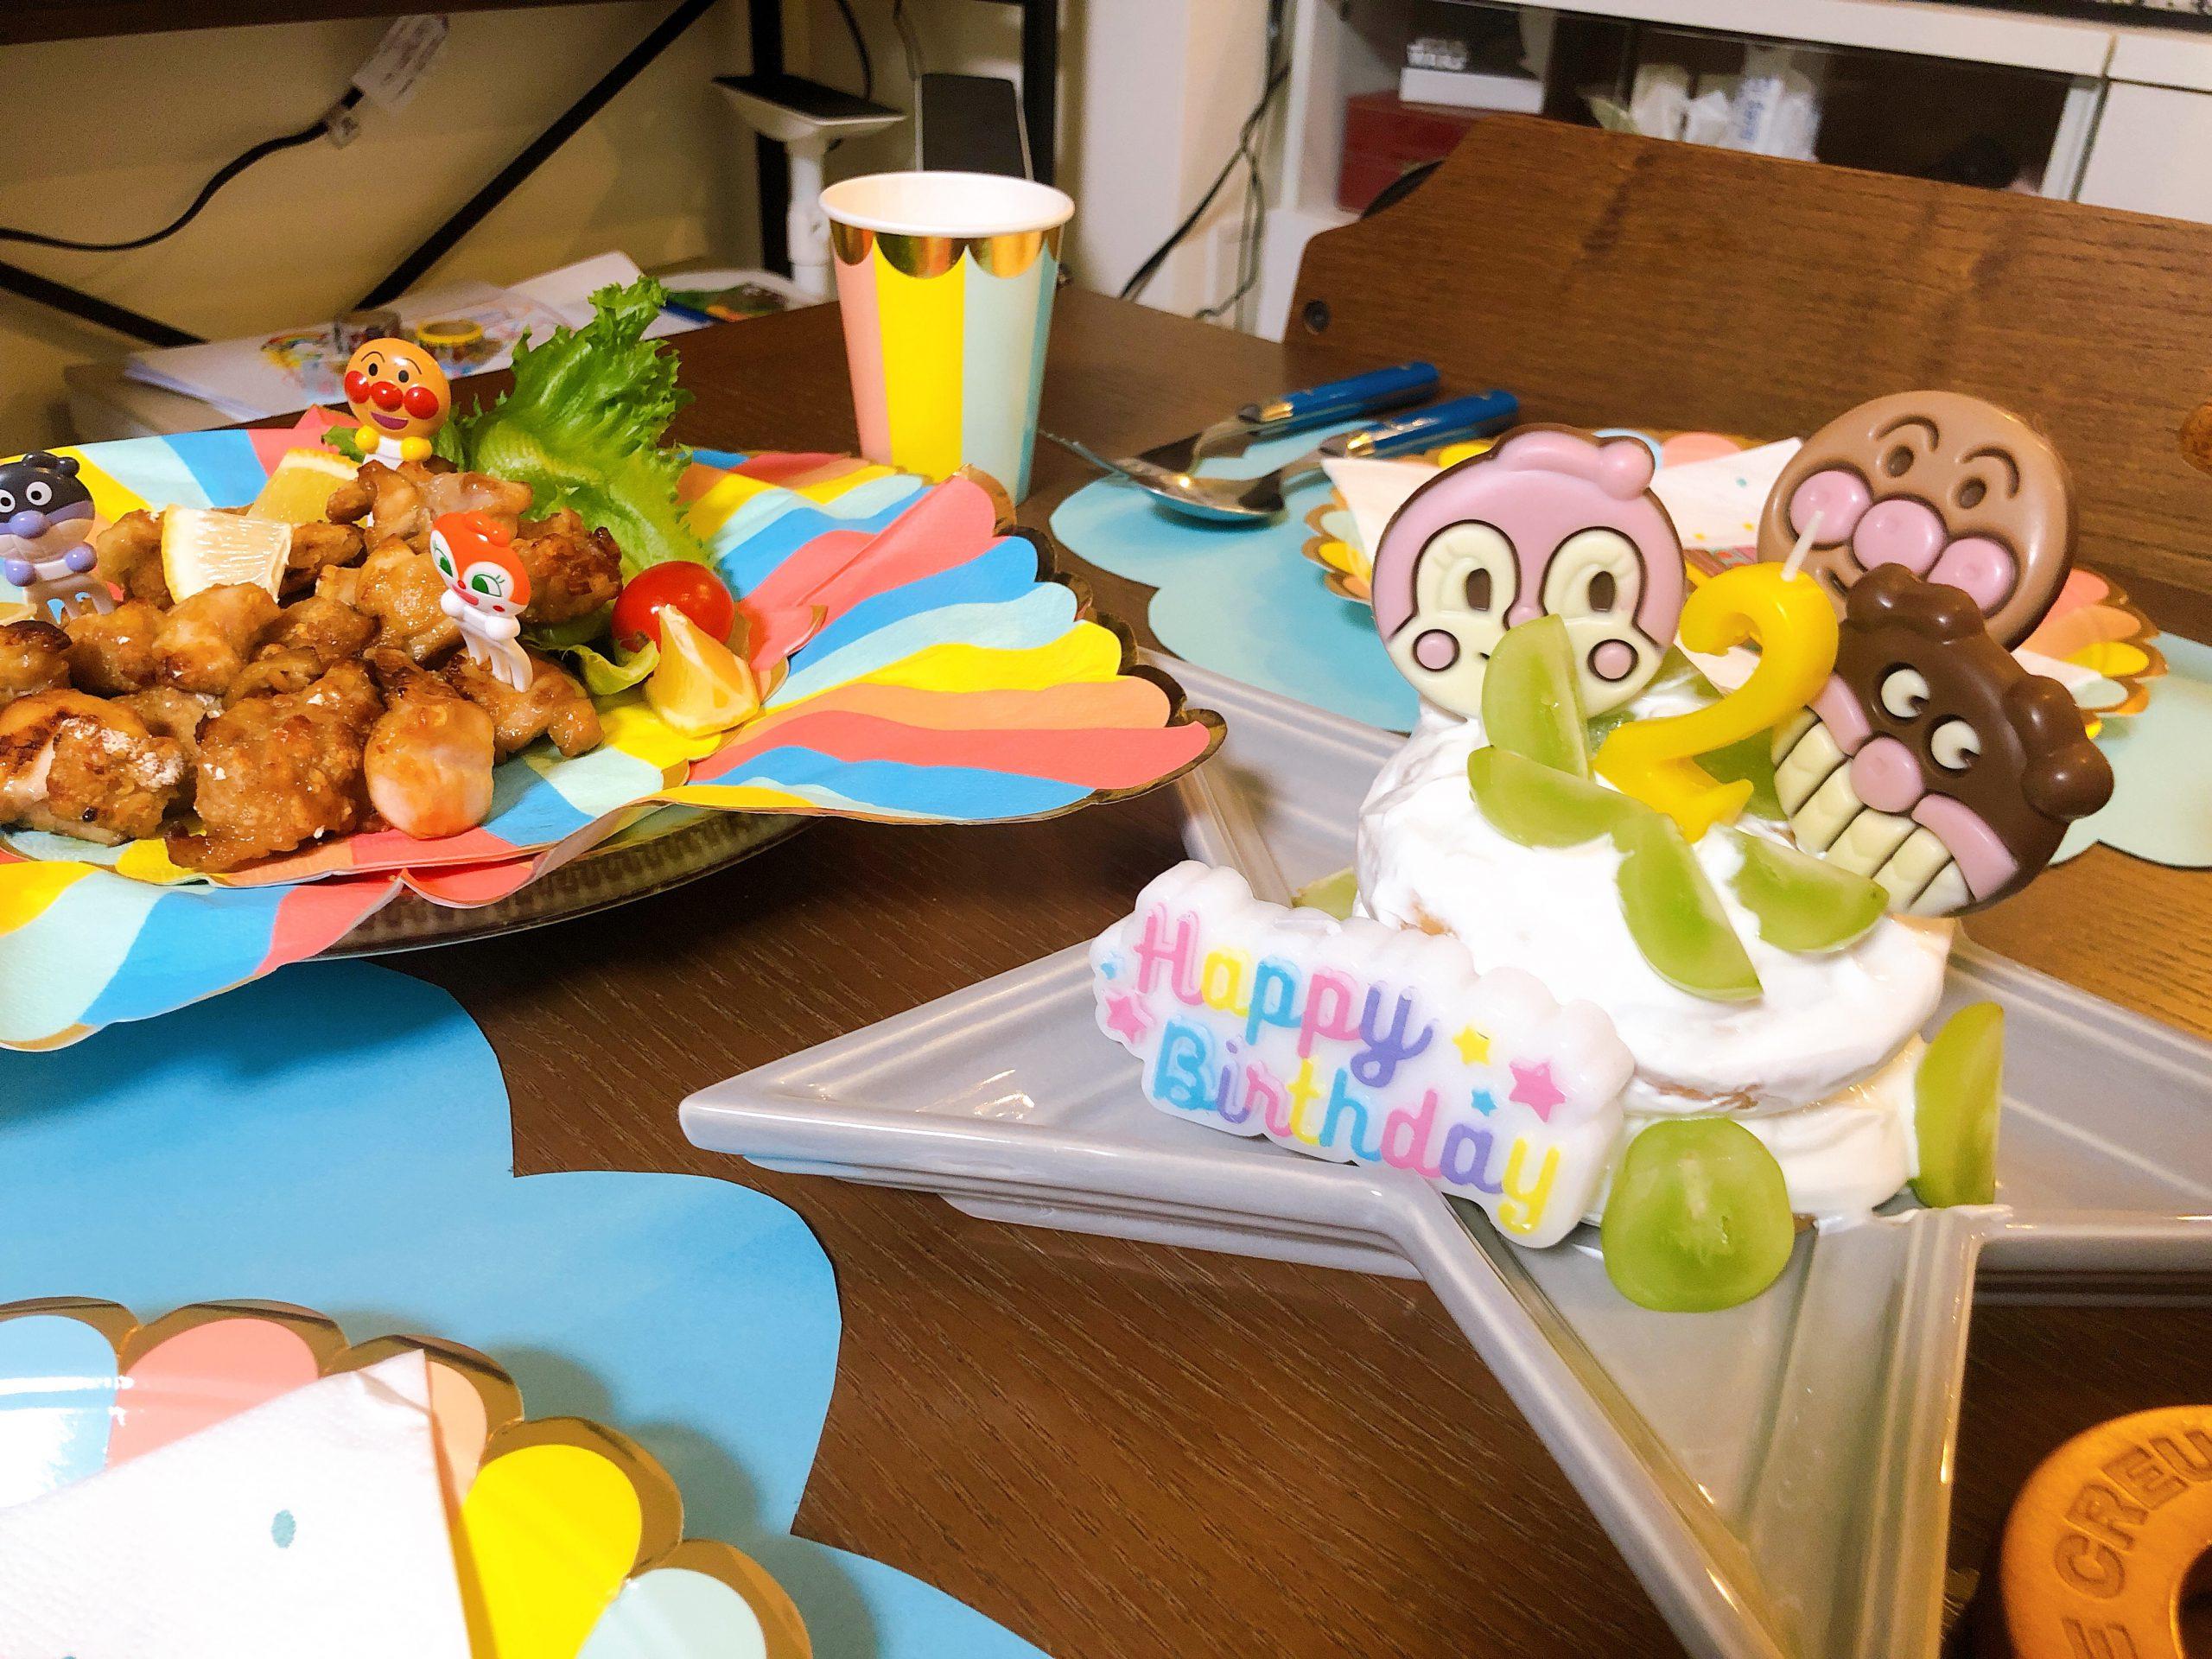 アンパンマン手作りケーキ